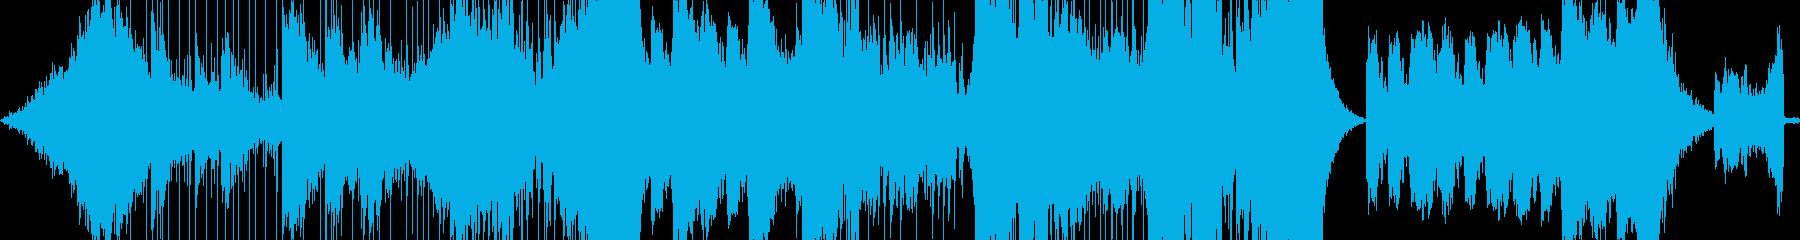 巨大なドラムンベースのパーカッショ...の再生済みの波形